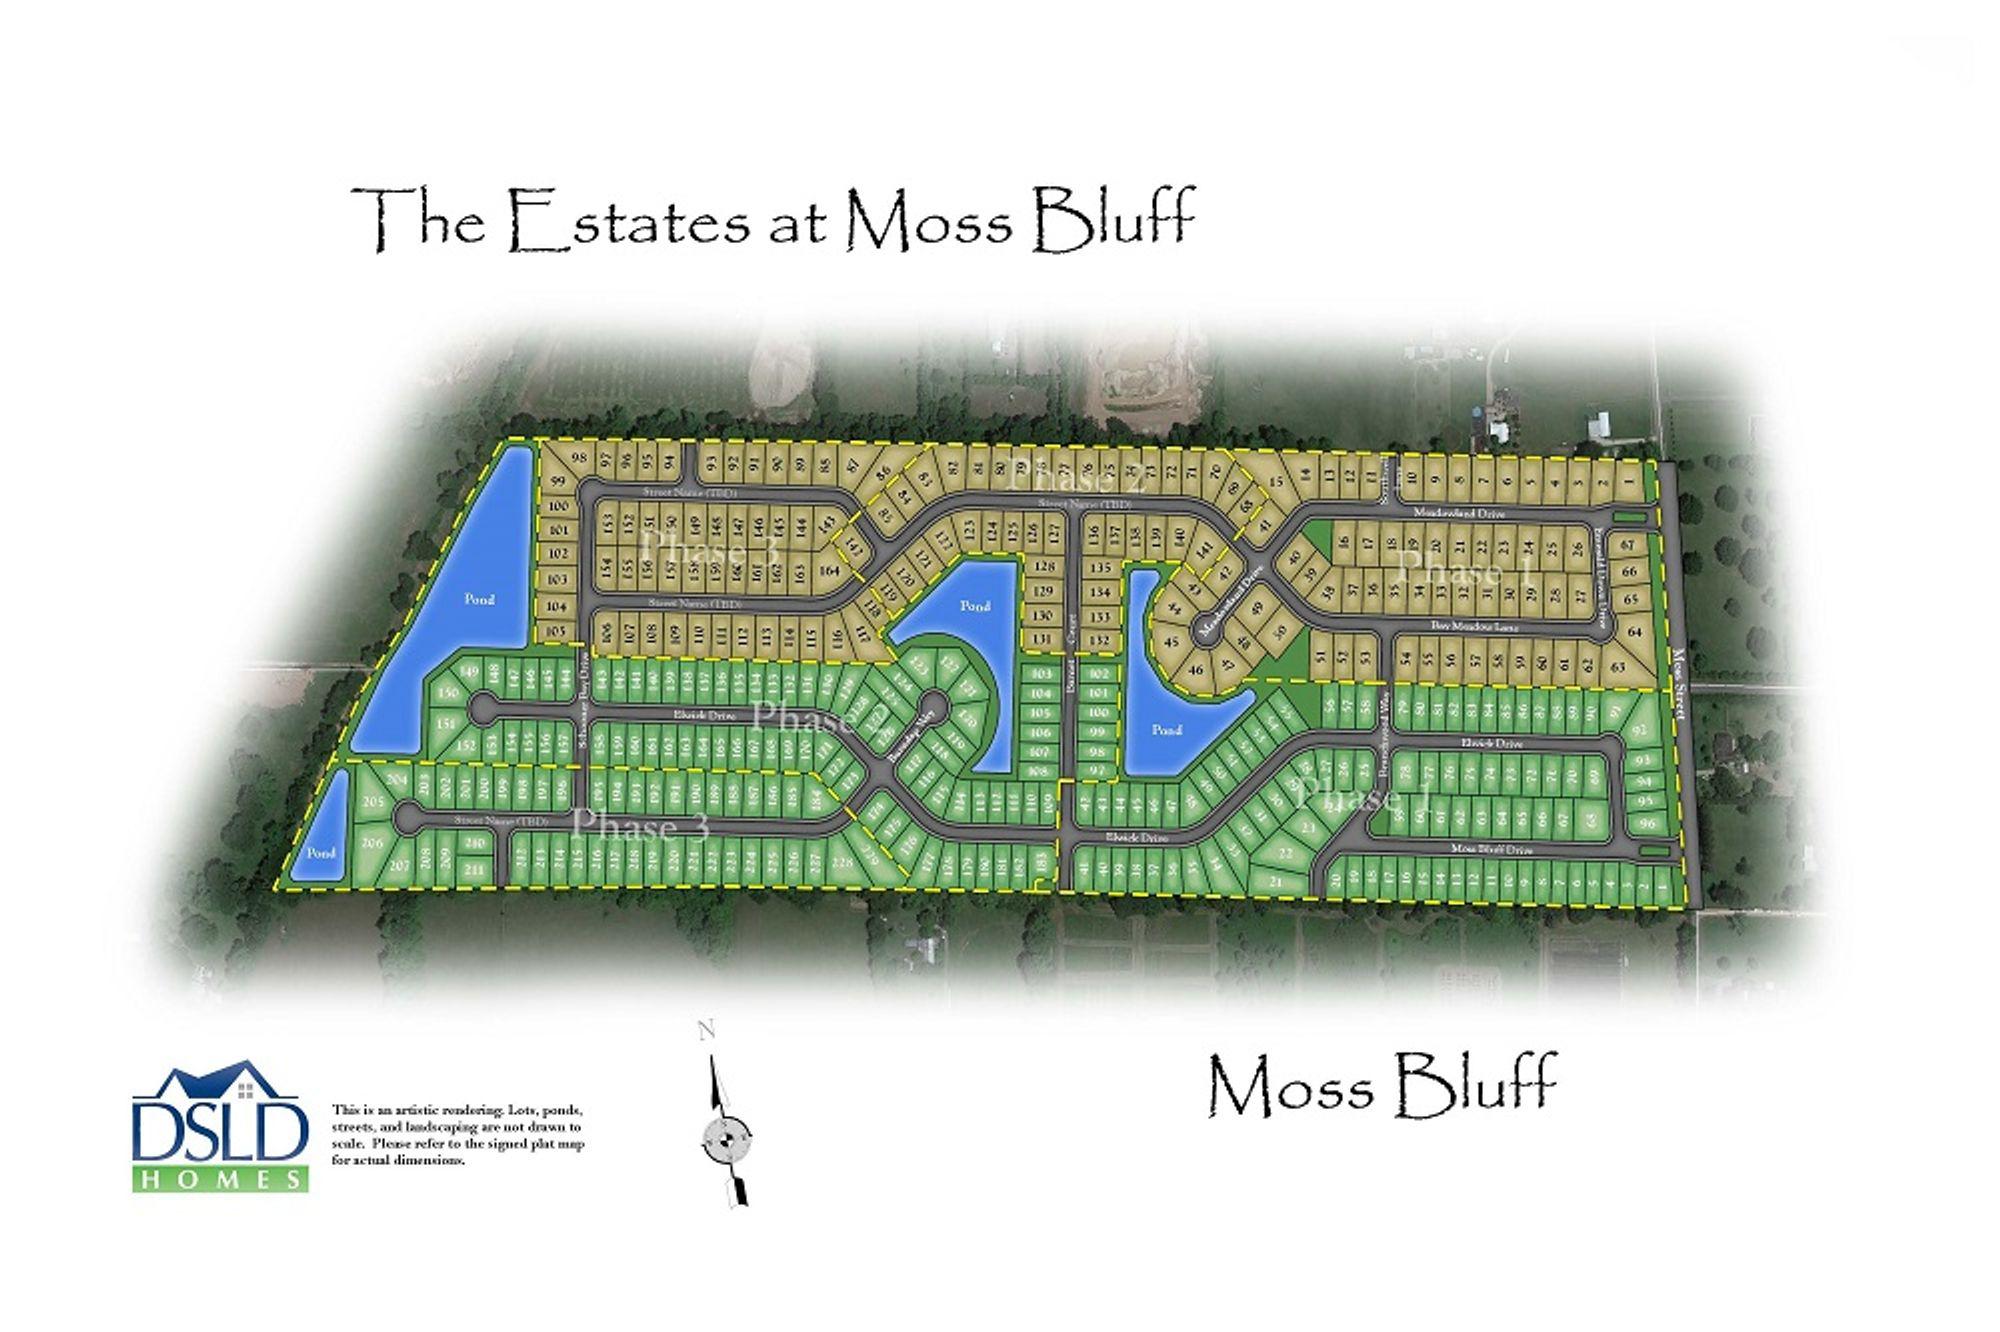 Moss Bluff